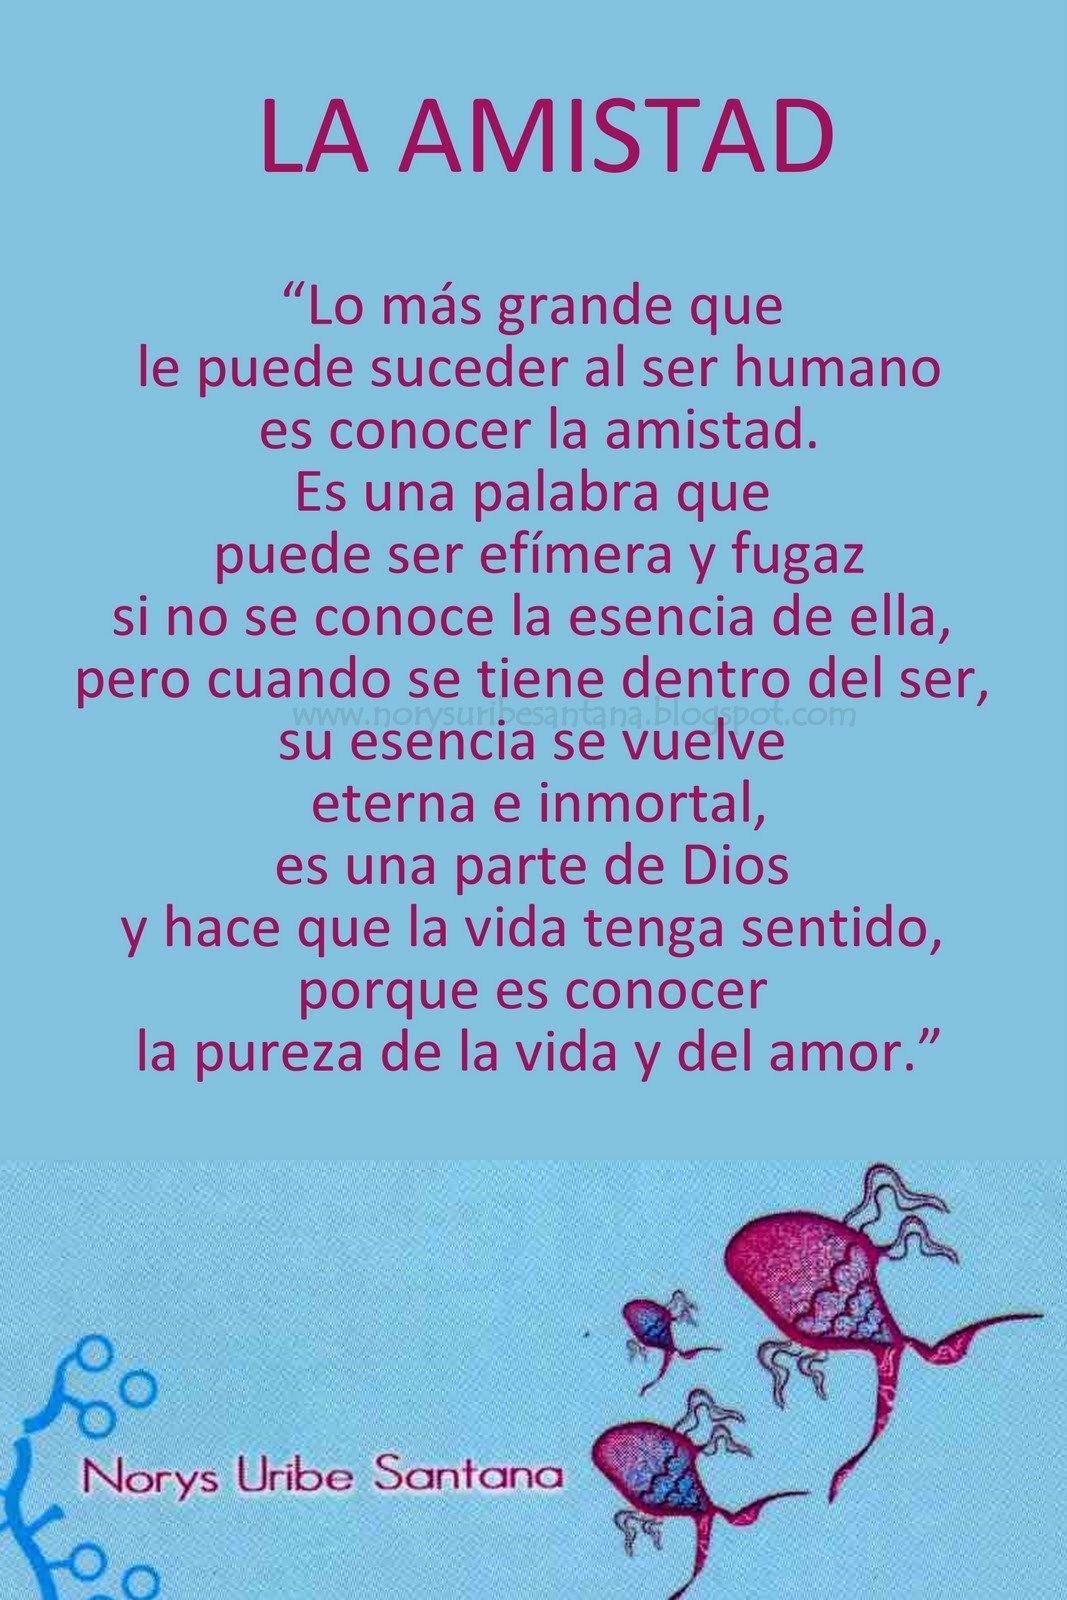 Norys Uribe Santana Reflexiones De Vida Nº 9 La Amistad